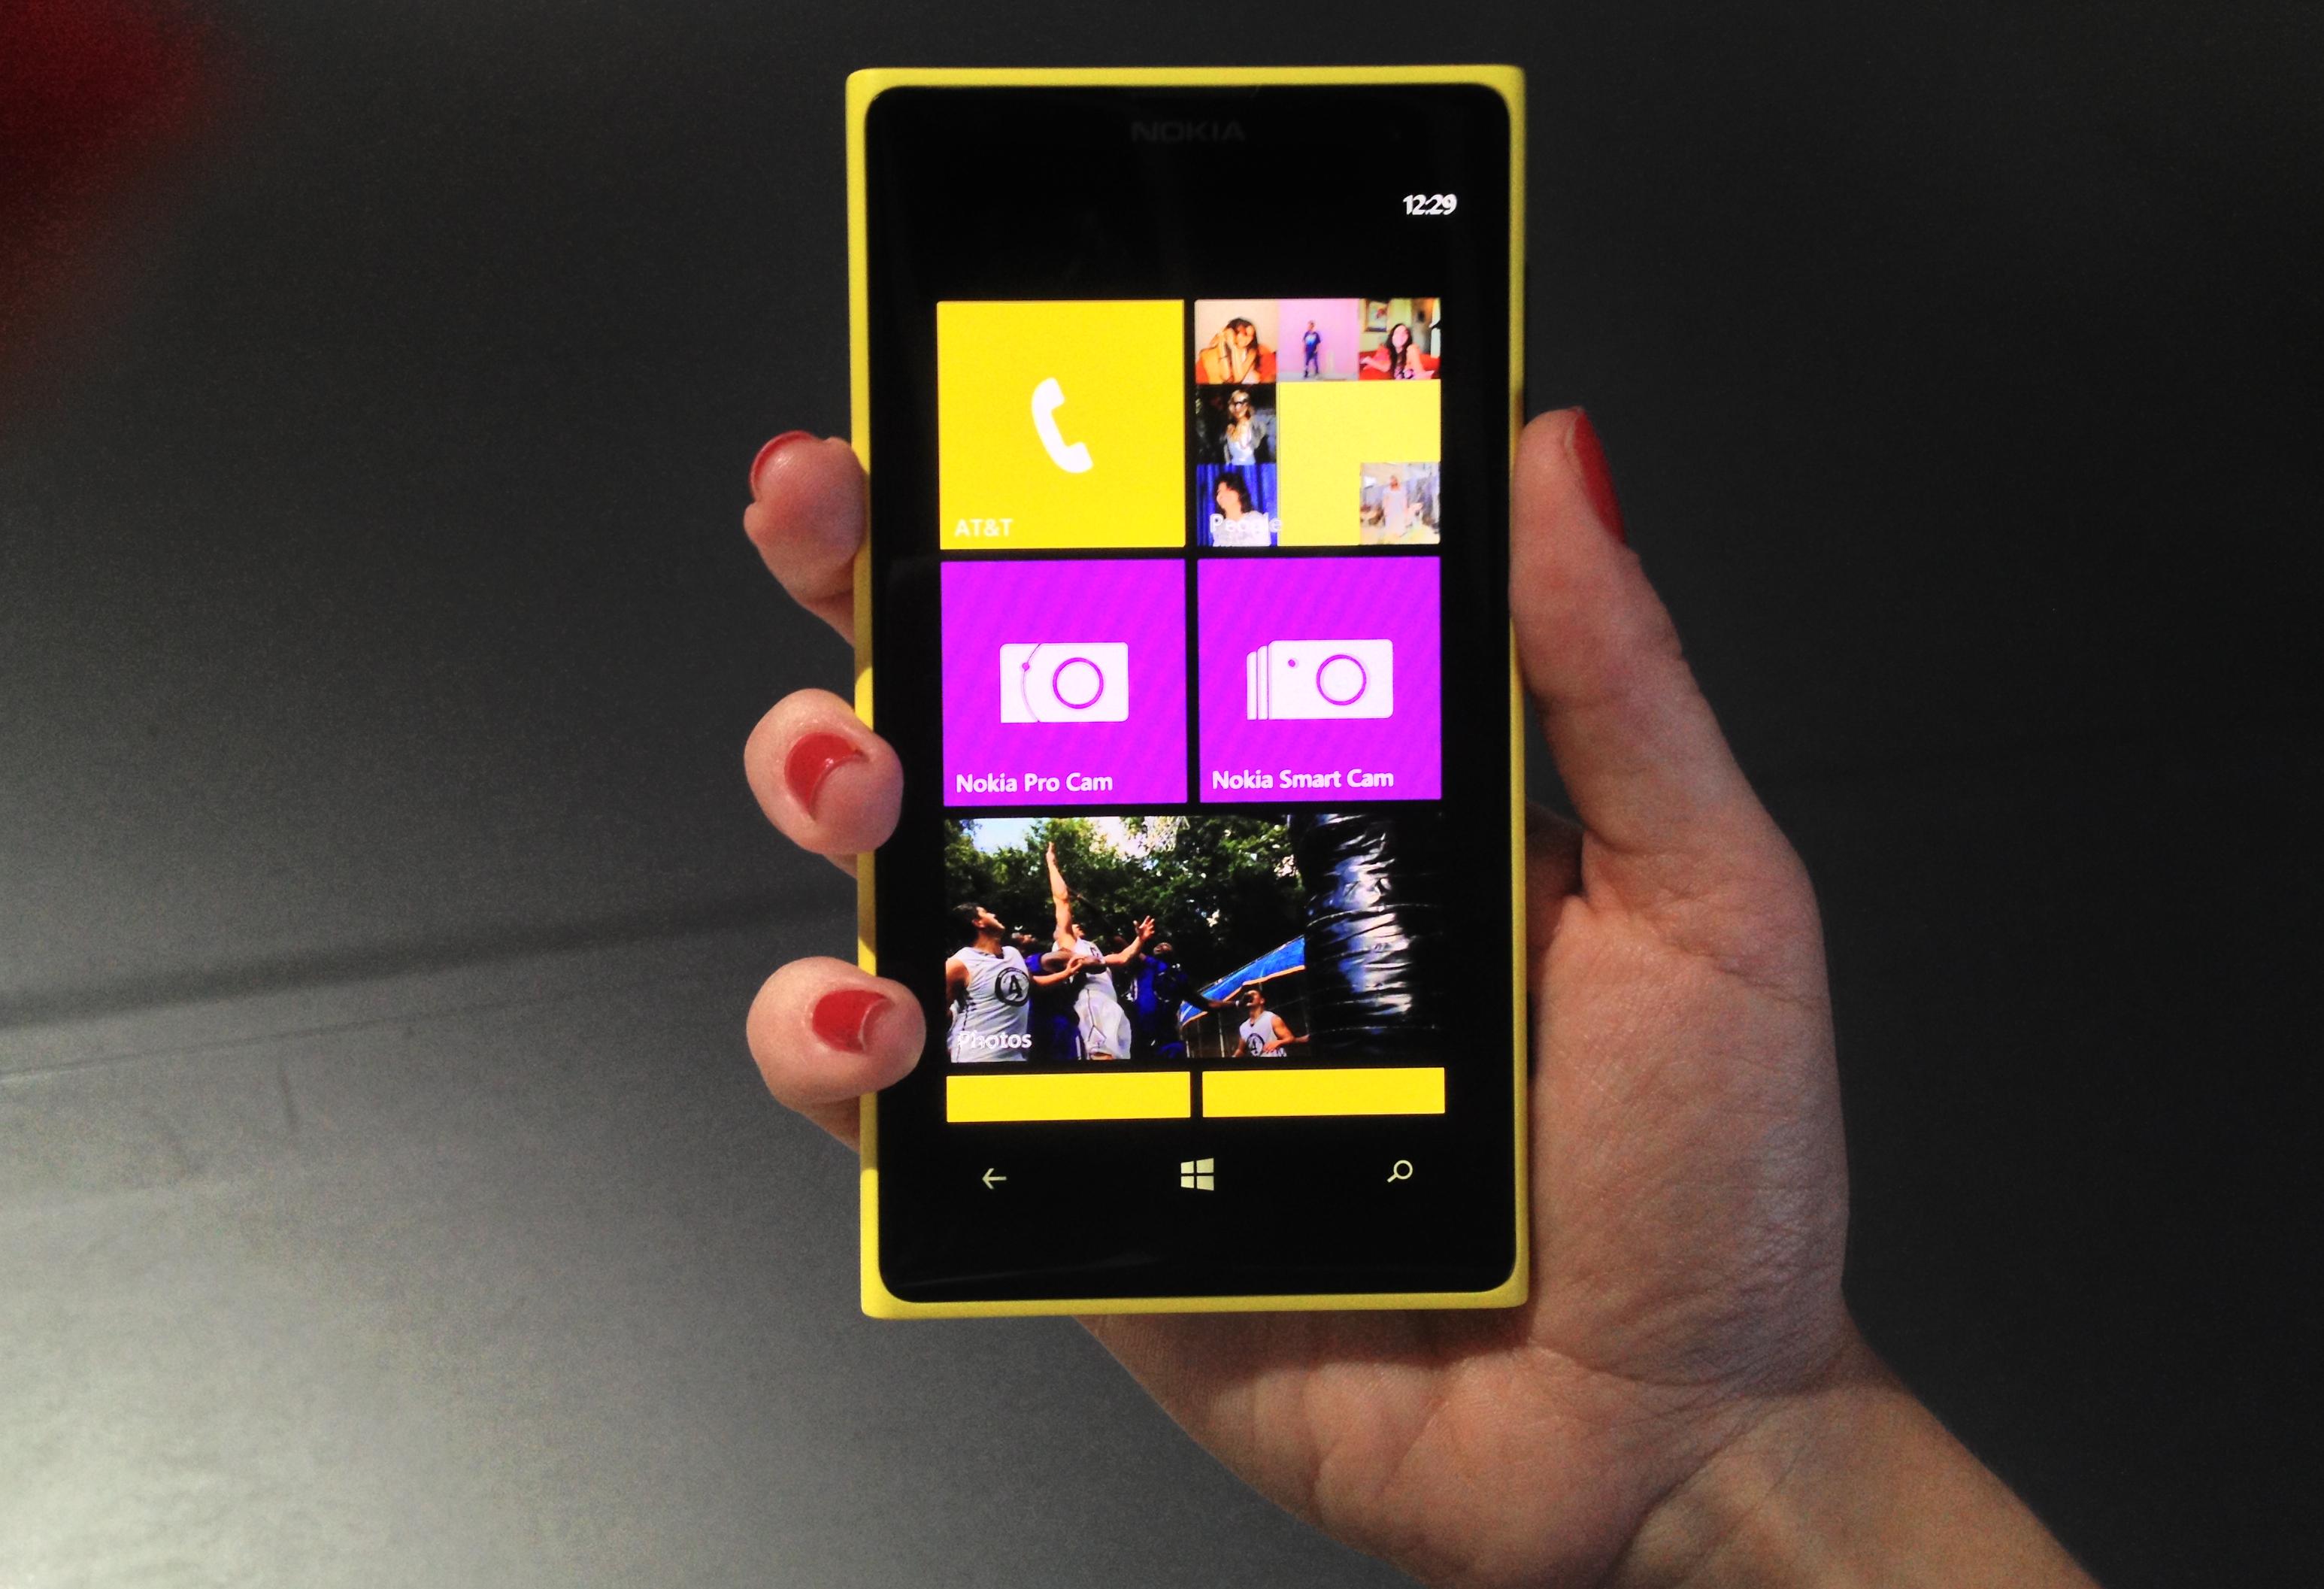 ��� �������� ����� ����� 1020 Nokia Lumia �� �����